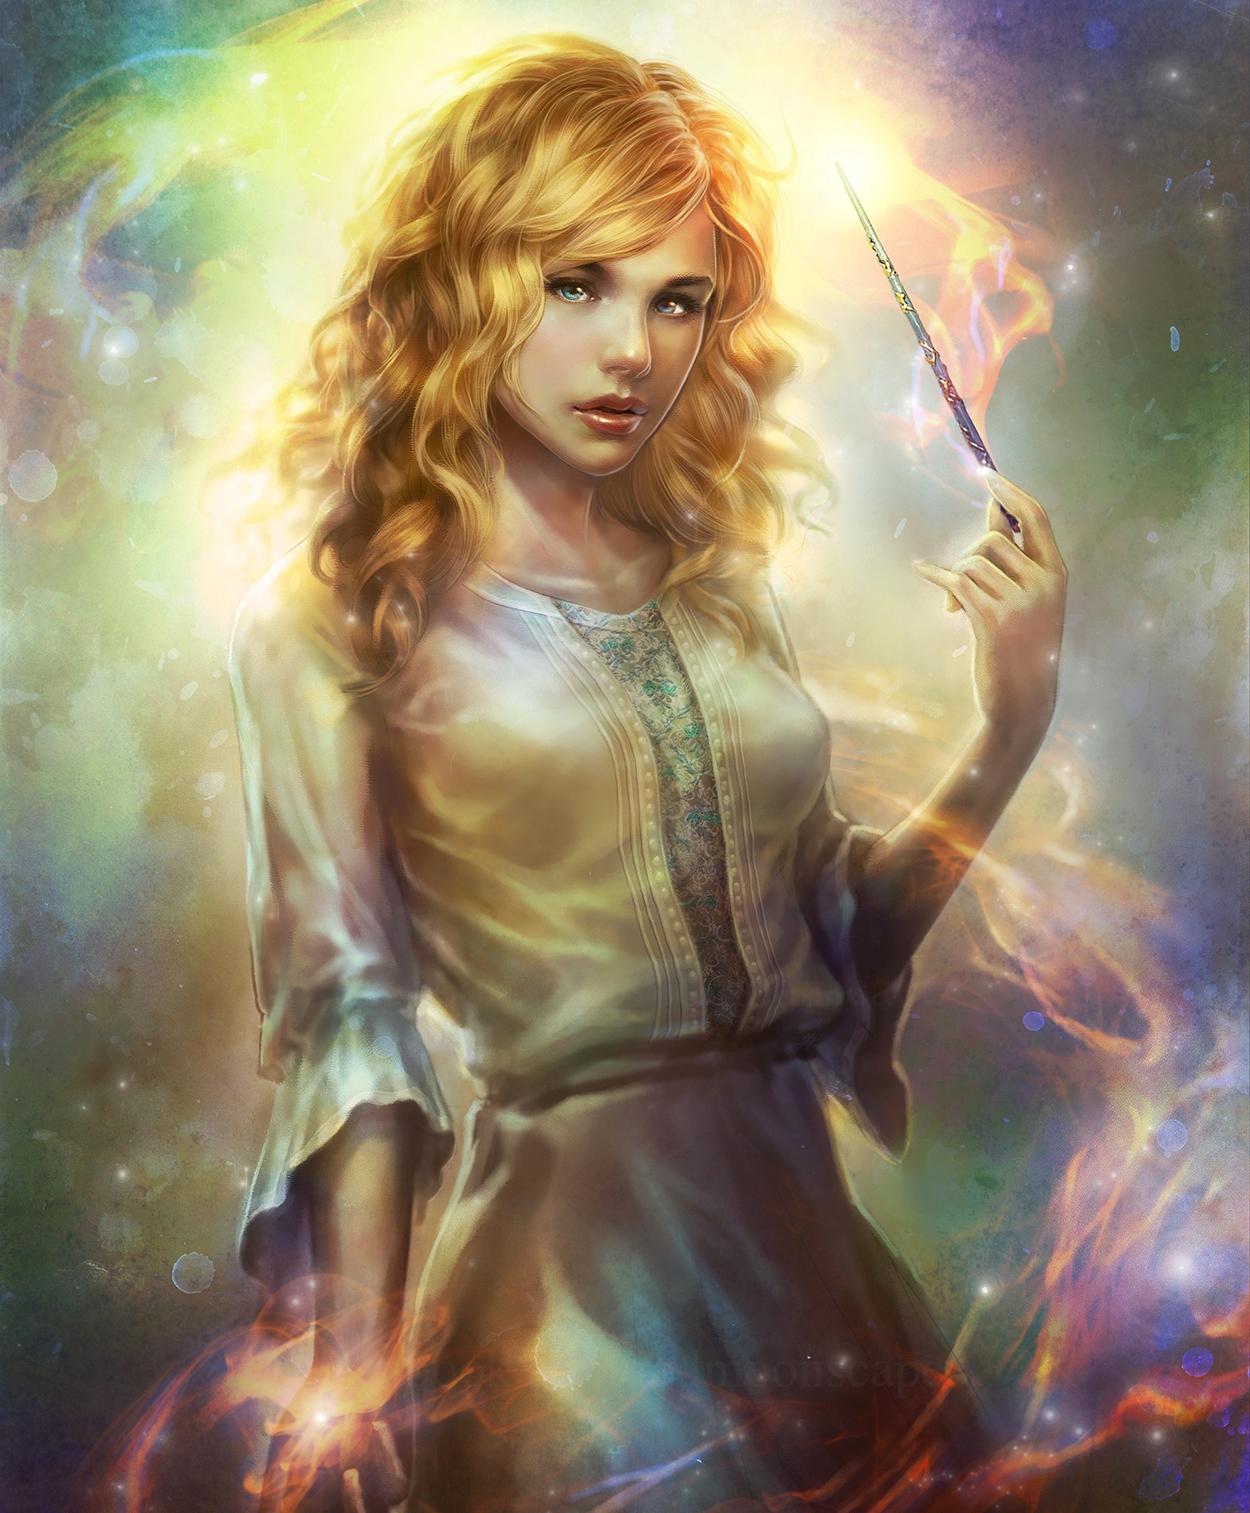 картинки с магичками рекомендую